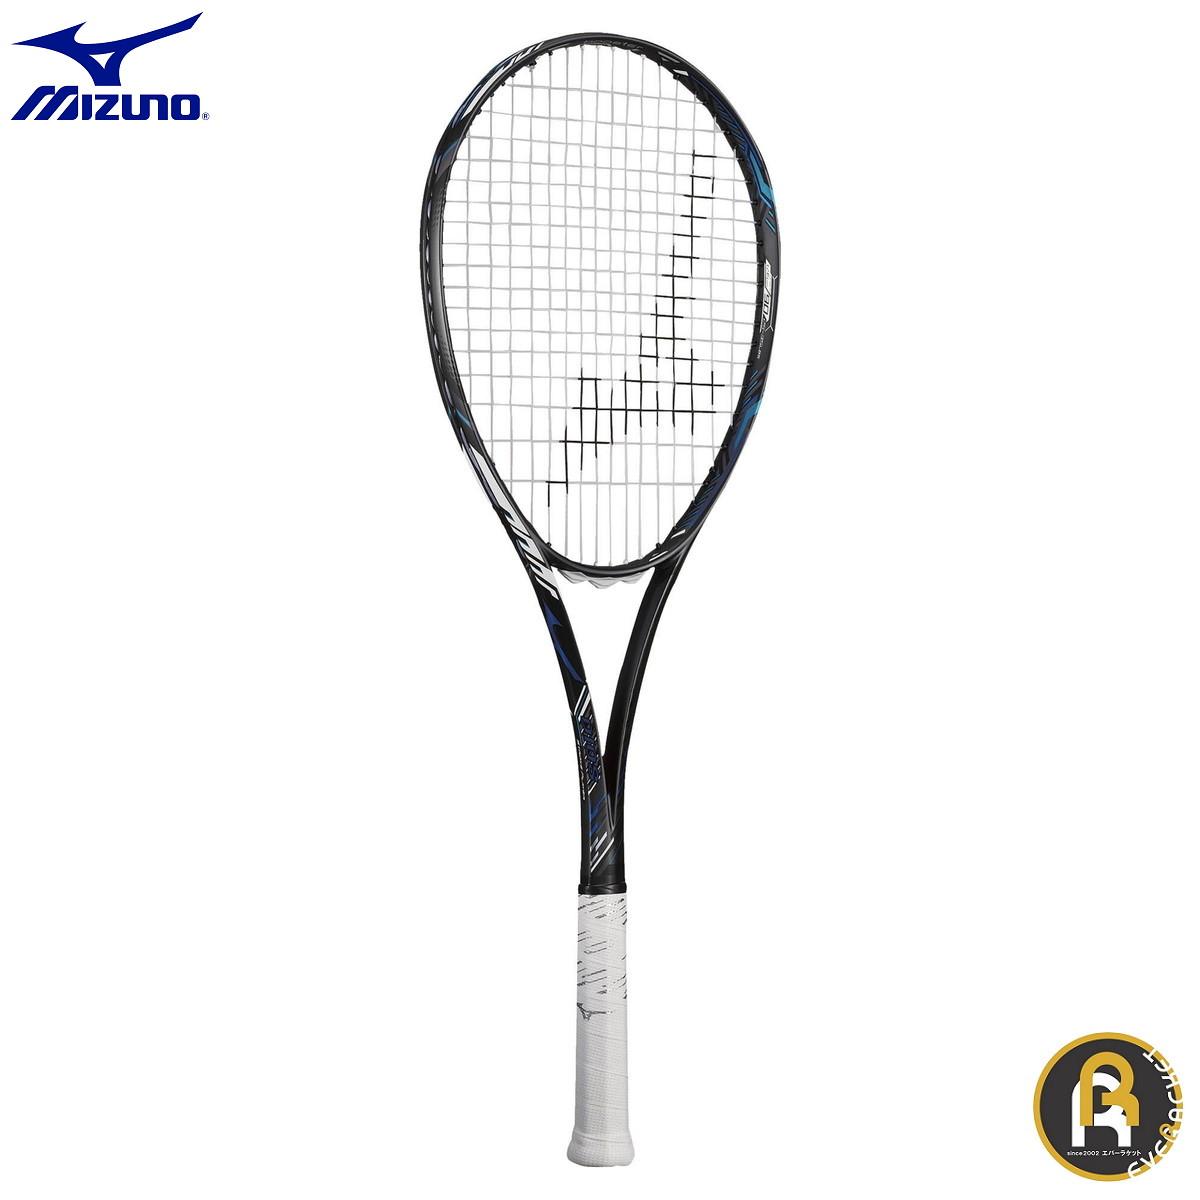 ミズノ MIZUNO ソフトテニスラケット DIOS 50-R 63JTN06527 ソフトテニス《ガット代・張り代無料》